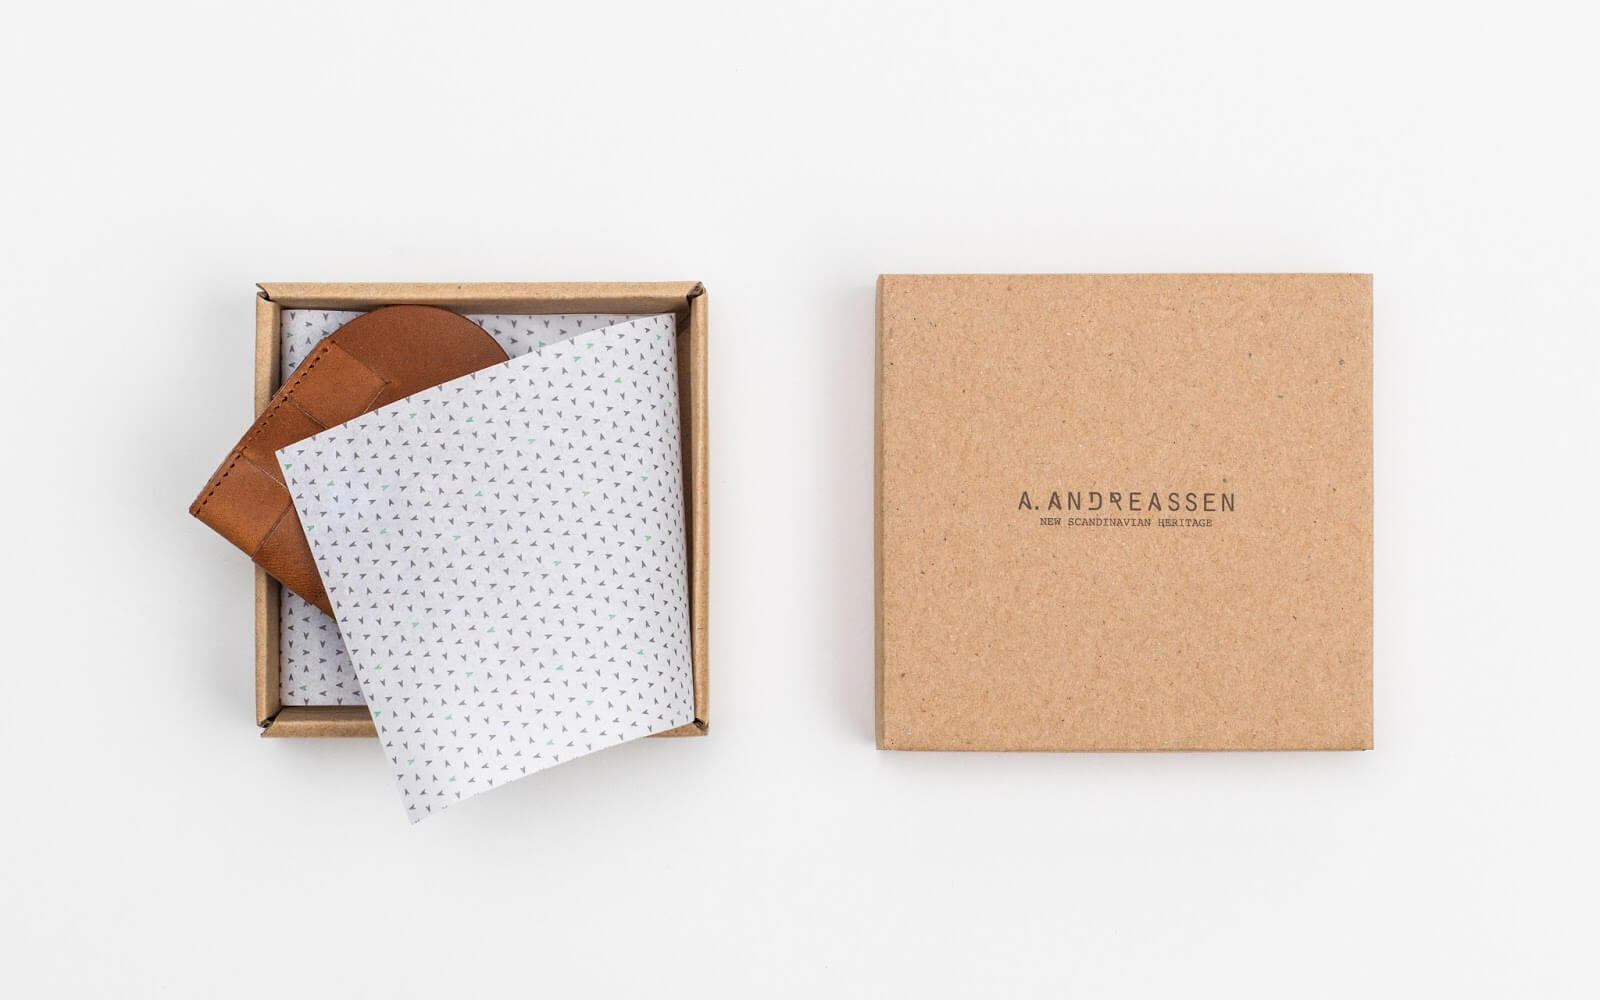 Produit dans une boîte en carton avec du papier de soie